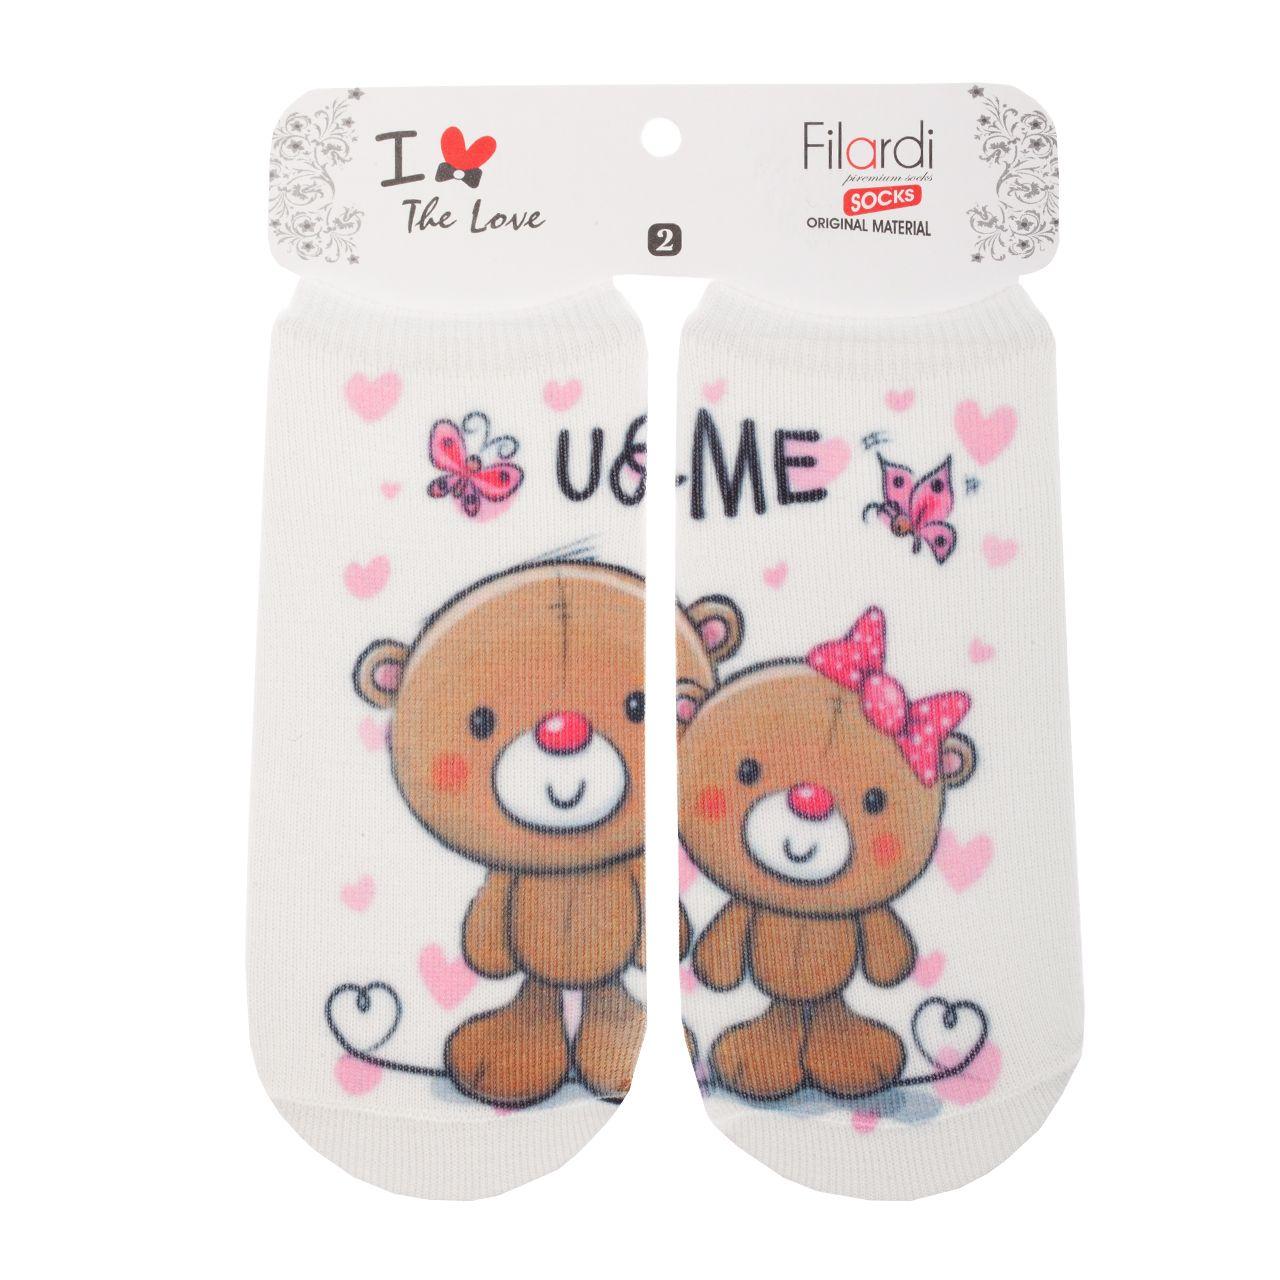 جوراب نوزاد فیلاردی طرح خرس کوچولوی 2  -  - 1